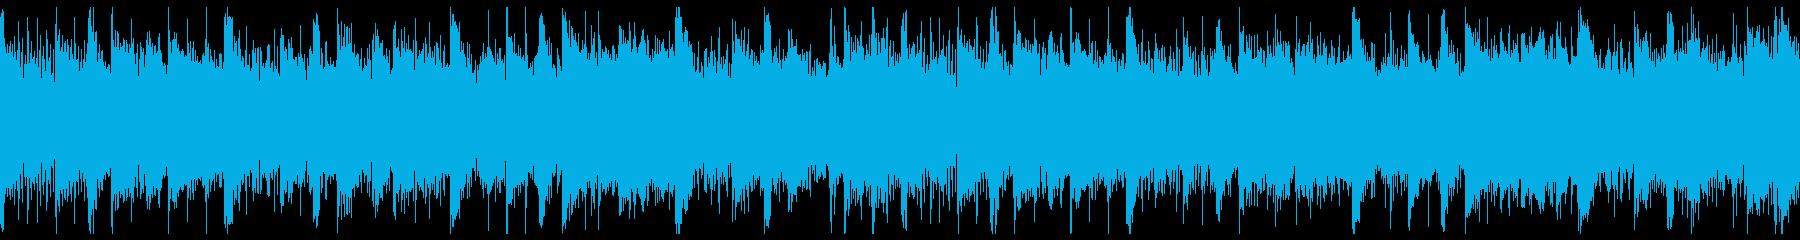 実験的 ロック ポストロック ブレ...の再生済みの波形